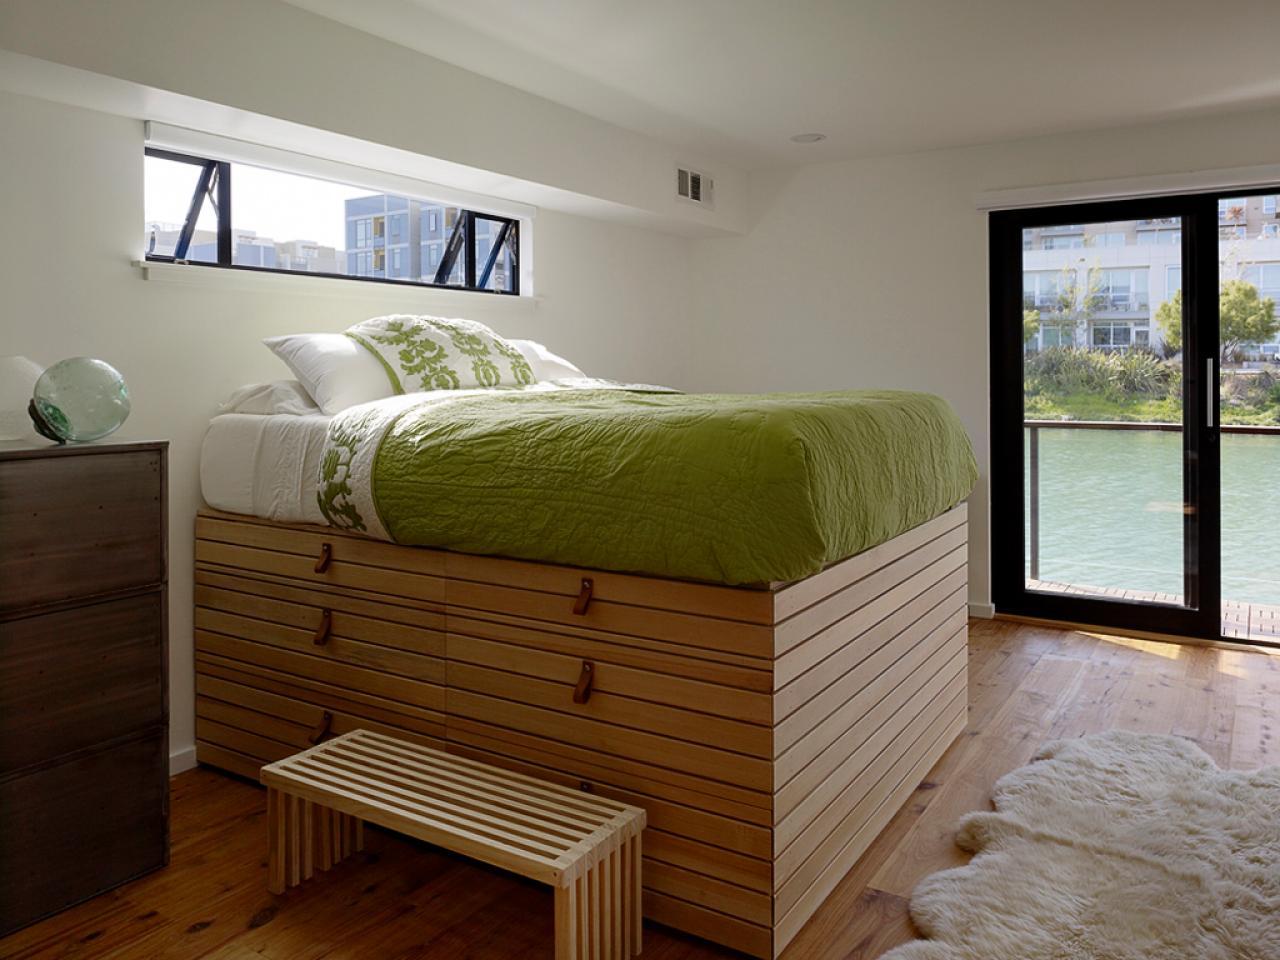 Кровать подиум высокая